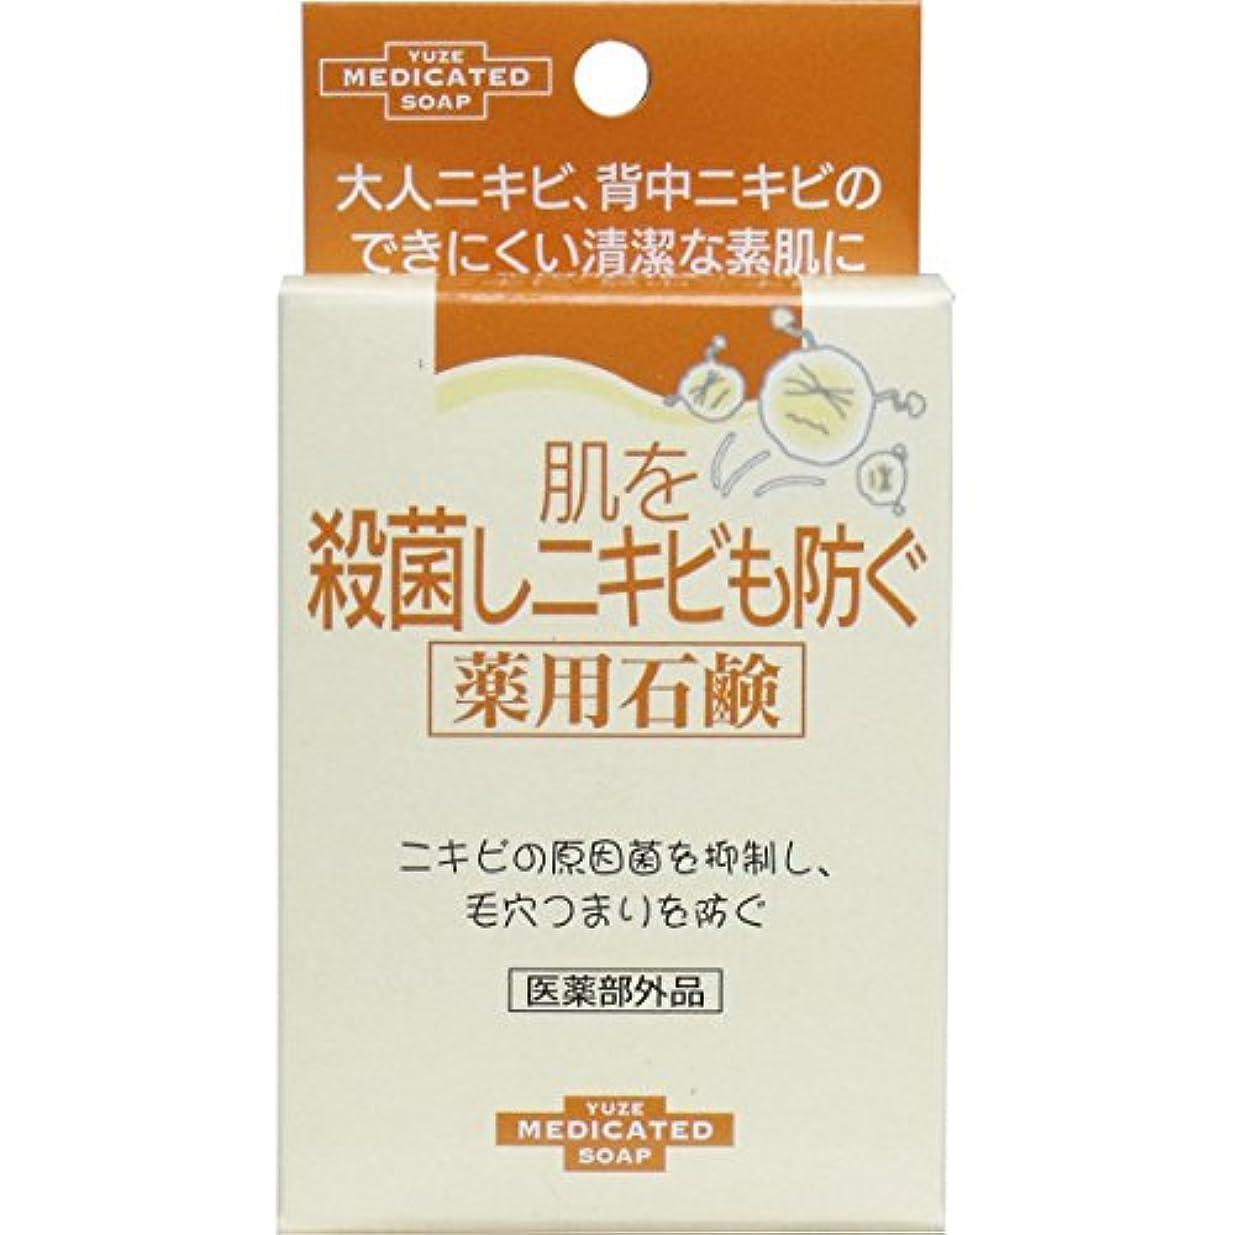 鉛筆方向二ユゼ 肌を殺菌しニキビも防ぐ薬用石鹸 6セット